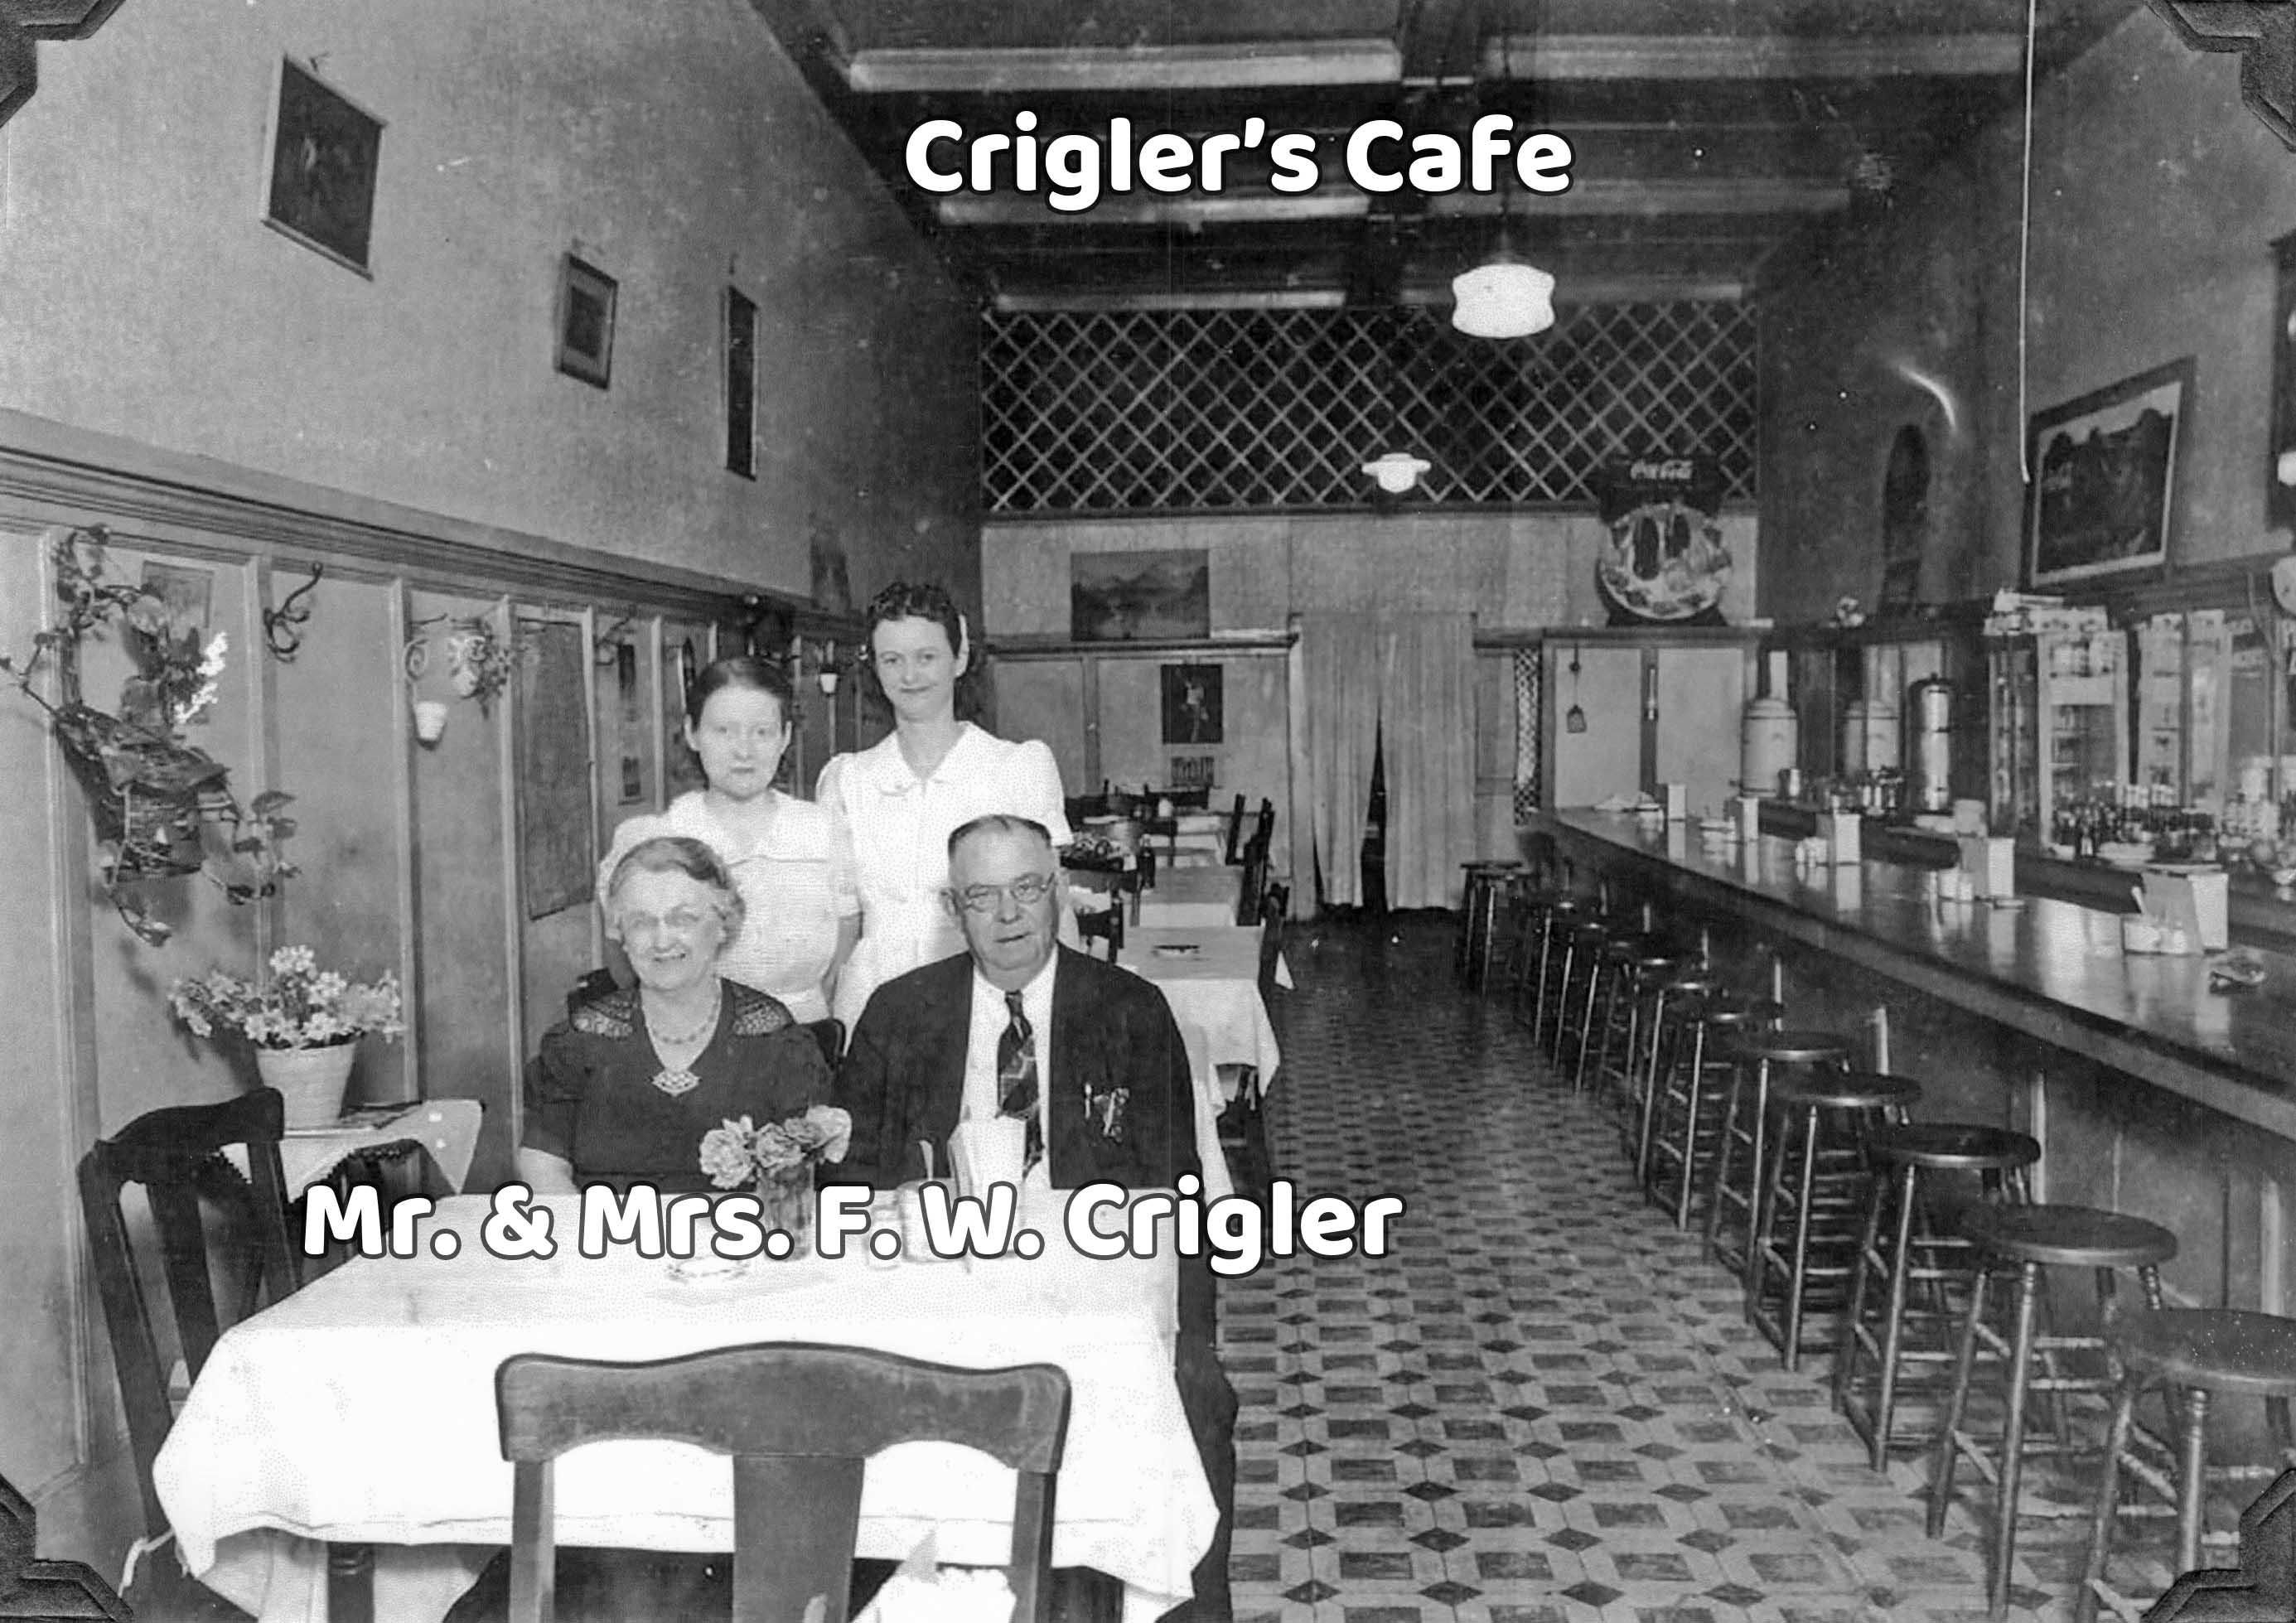 Crigler's Cafe